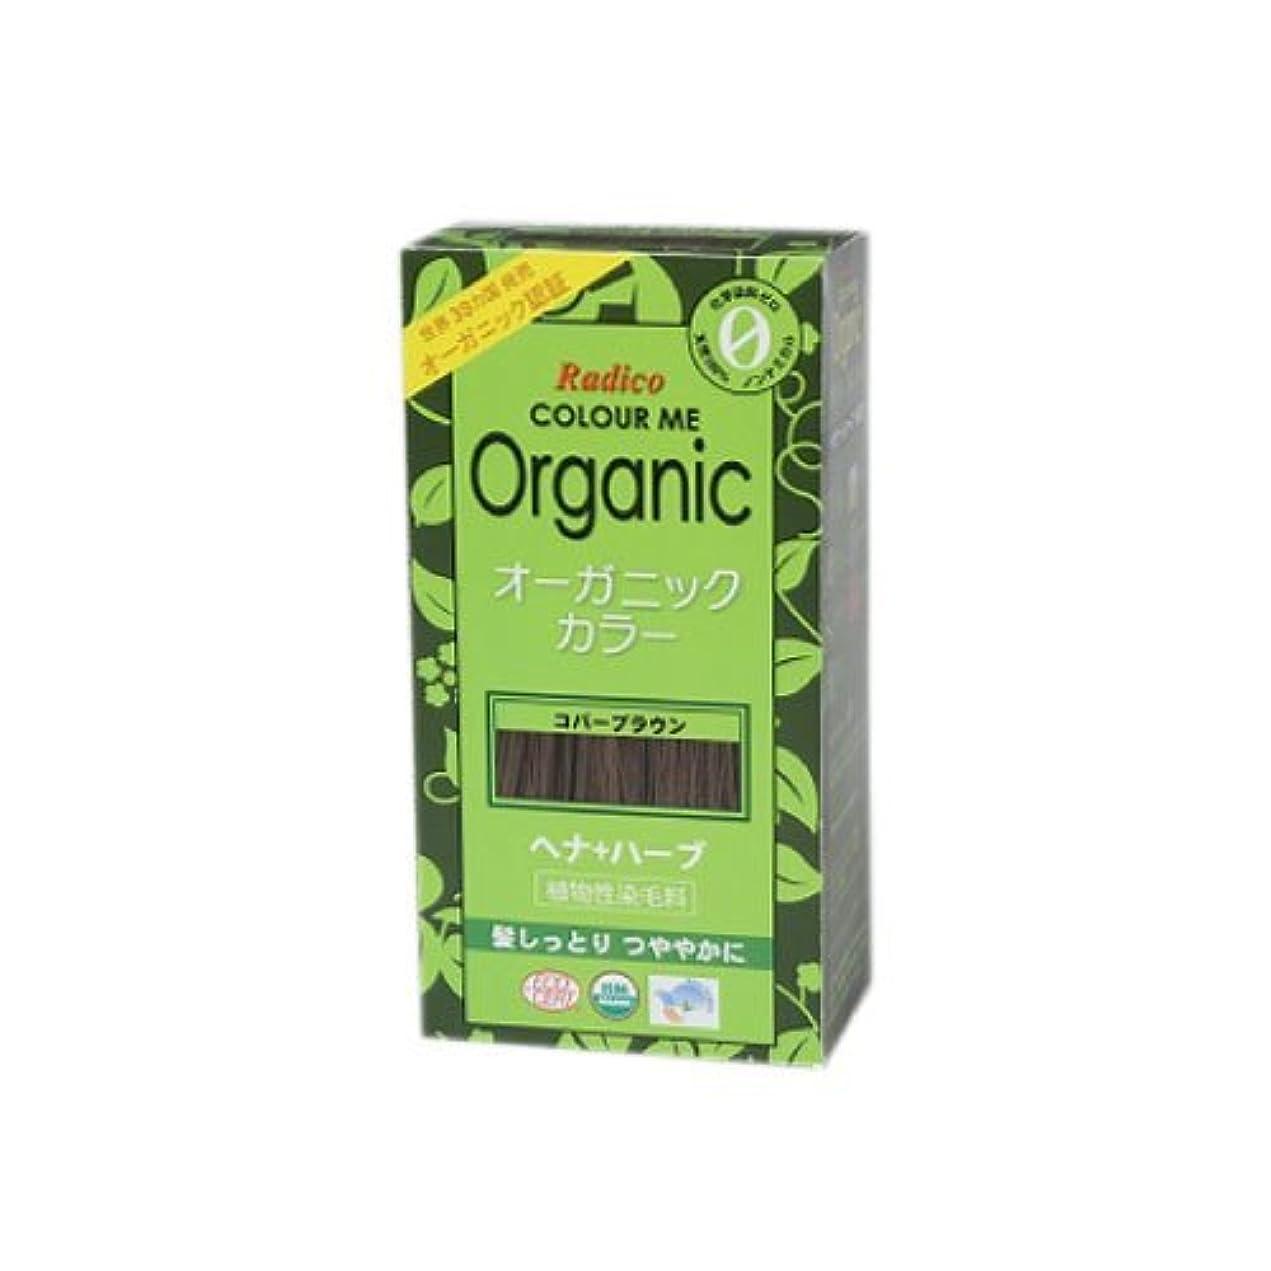 電子レンジベーカリーケーキCOLOURME Organic (カラーミーオーガニック ヘナ 白髪用) コパーブラウン 100g